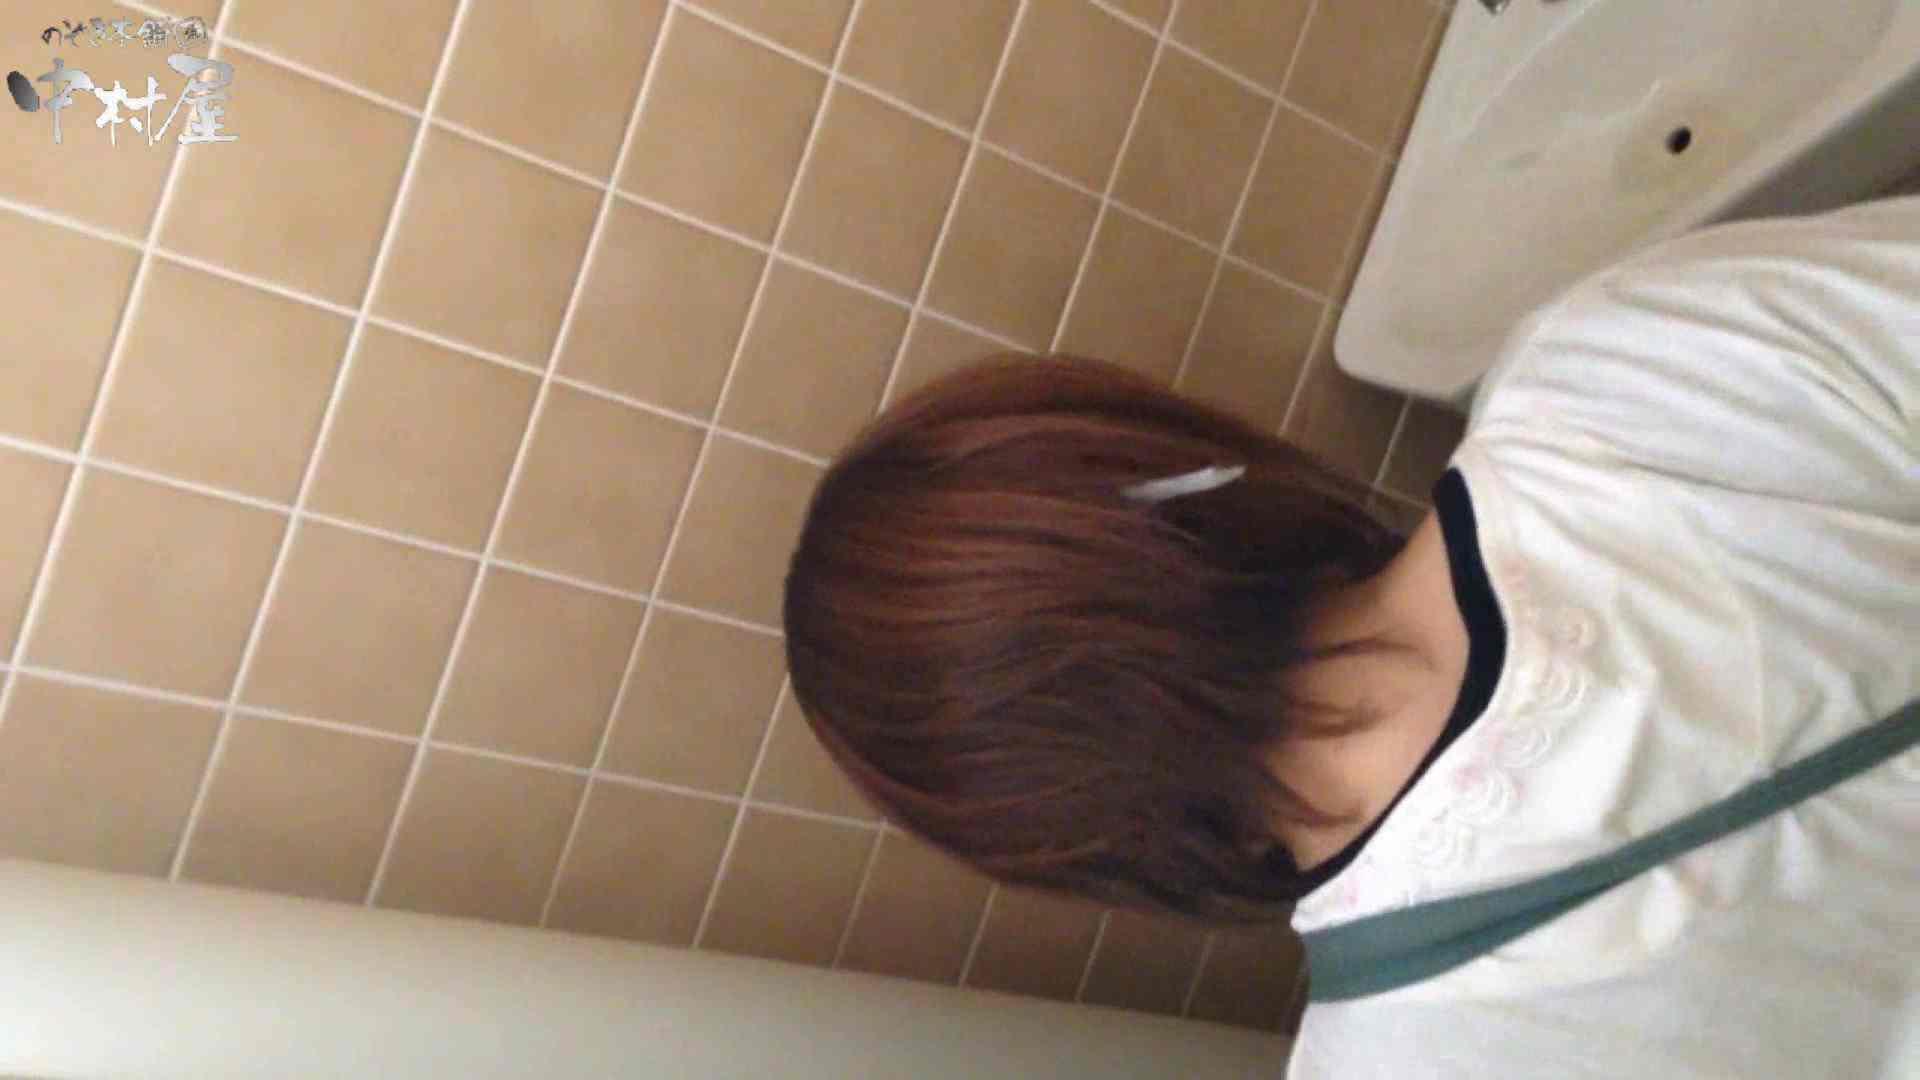 部活女子トイレ潜入編vol.5 盗撮  98連発 55